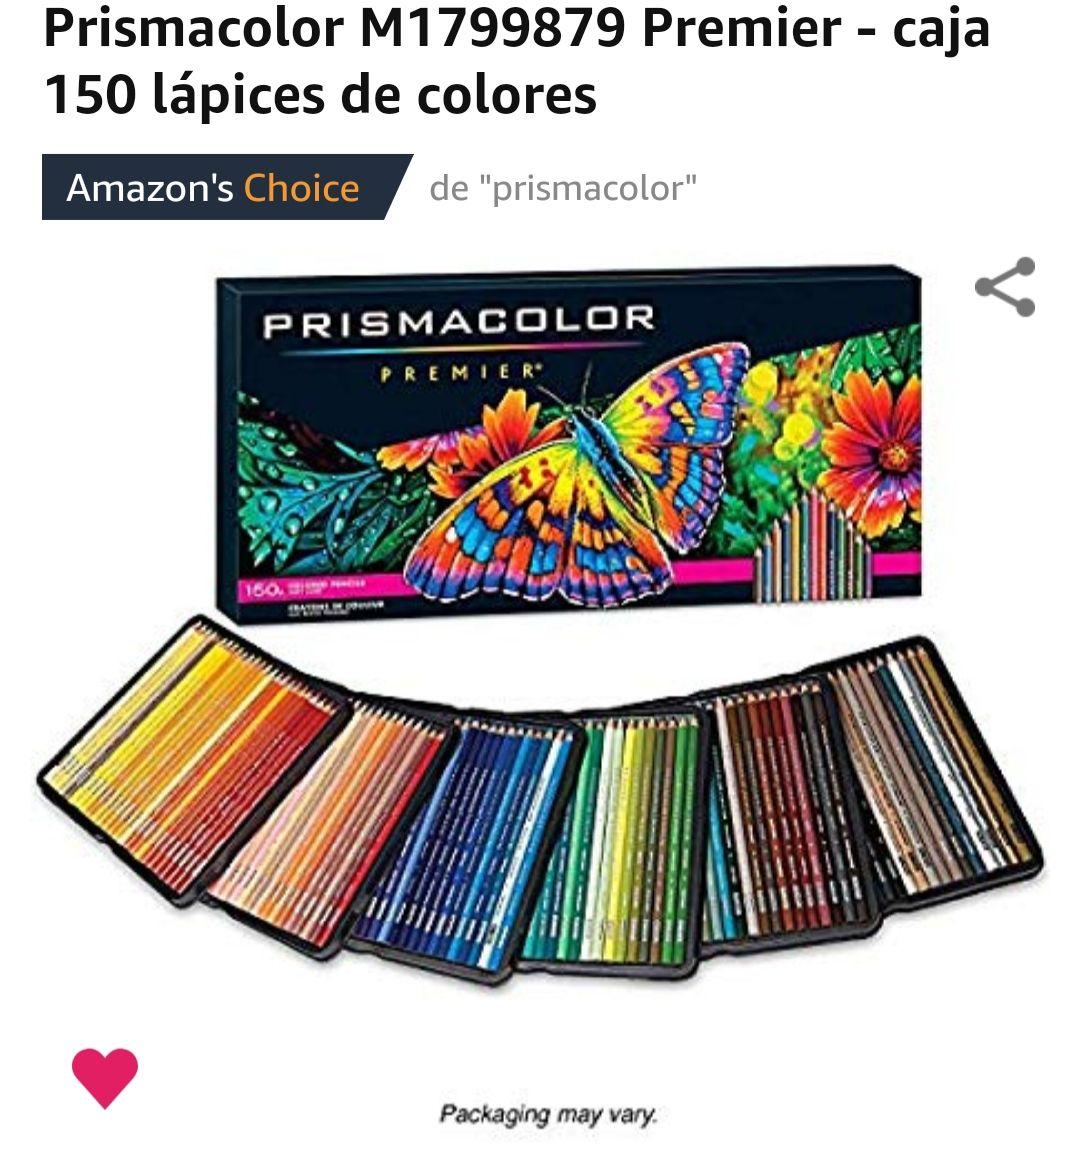 Amazon: Prismacolor M1799879 Premier - caja 150 lápices de colores